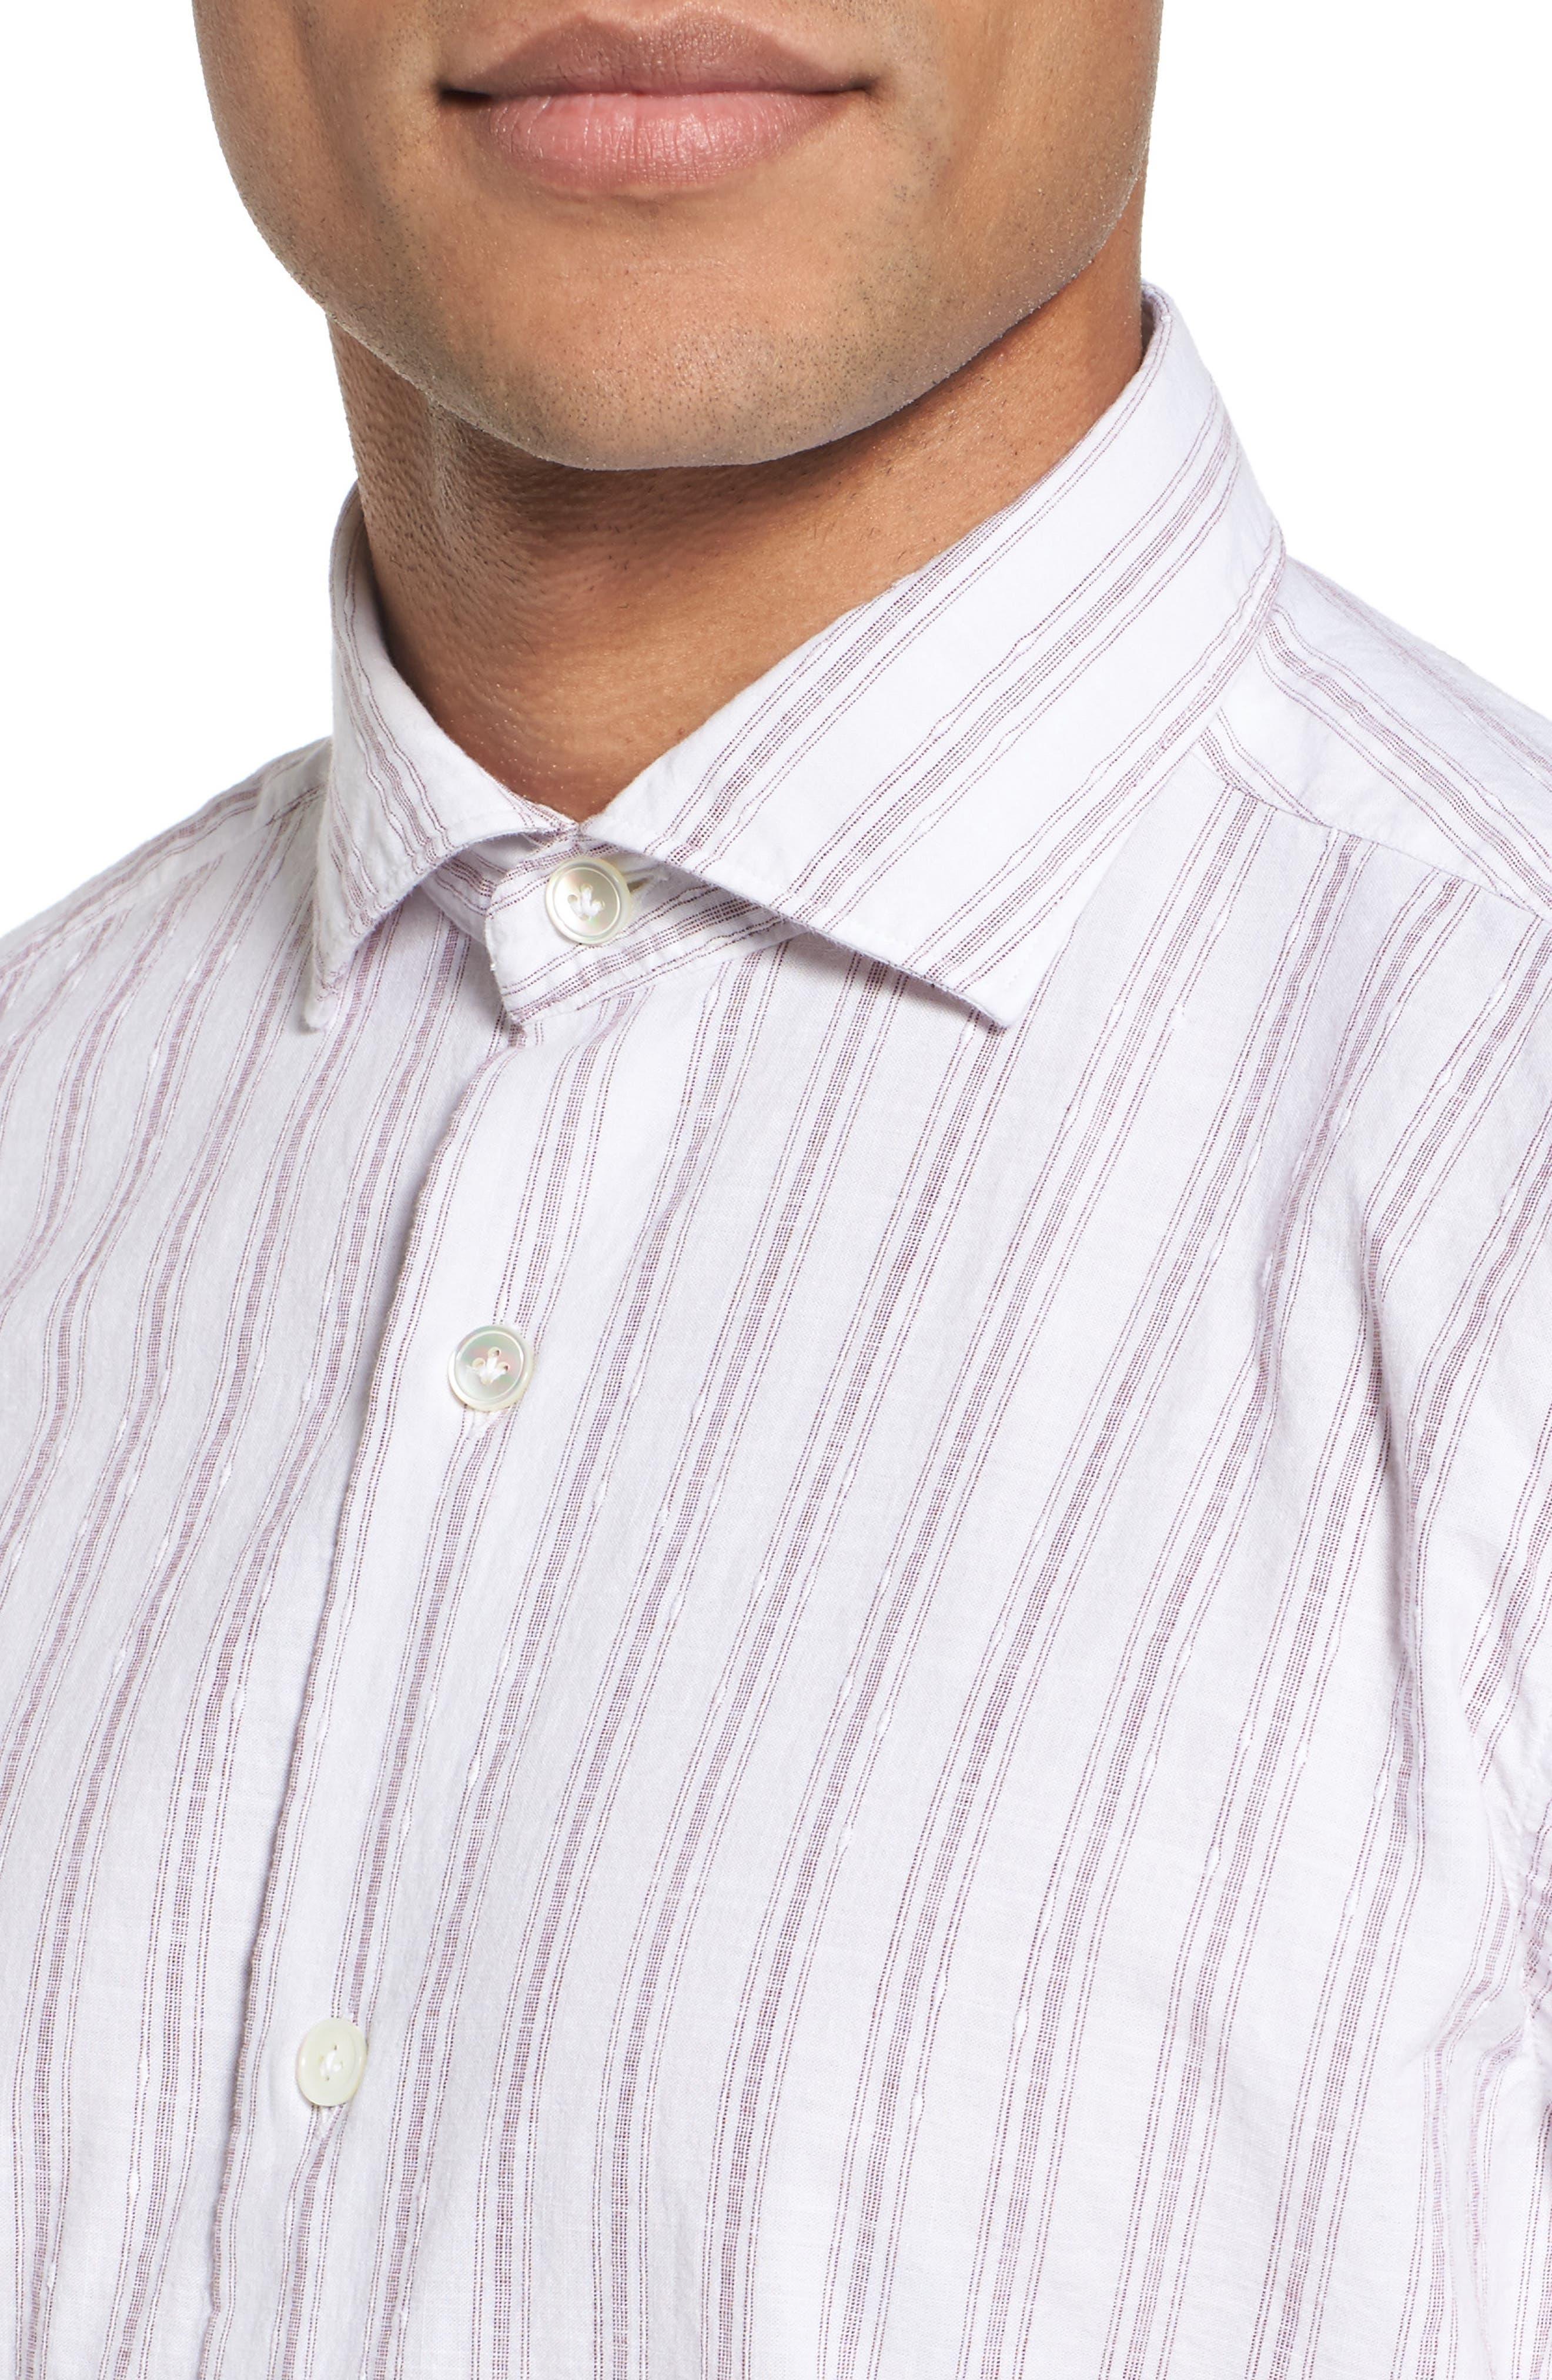 John T Slim Fit Sport Shirt,                             Alternate thumbnail 4, color,                             426